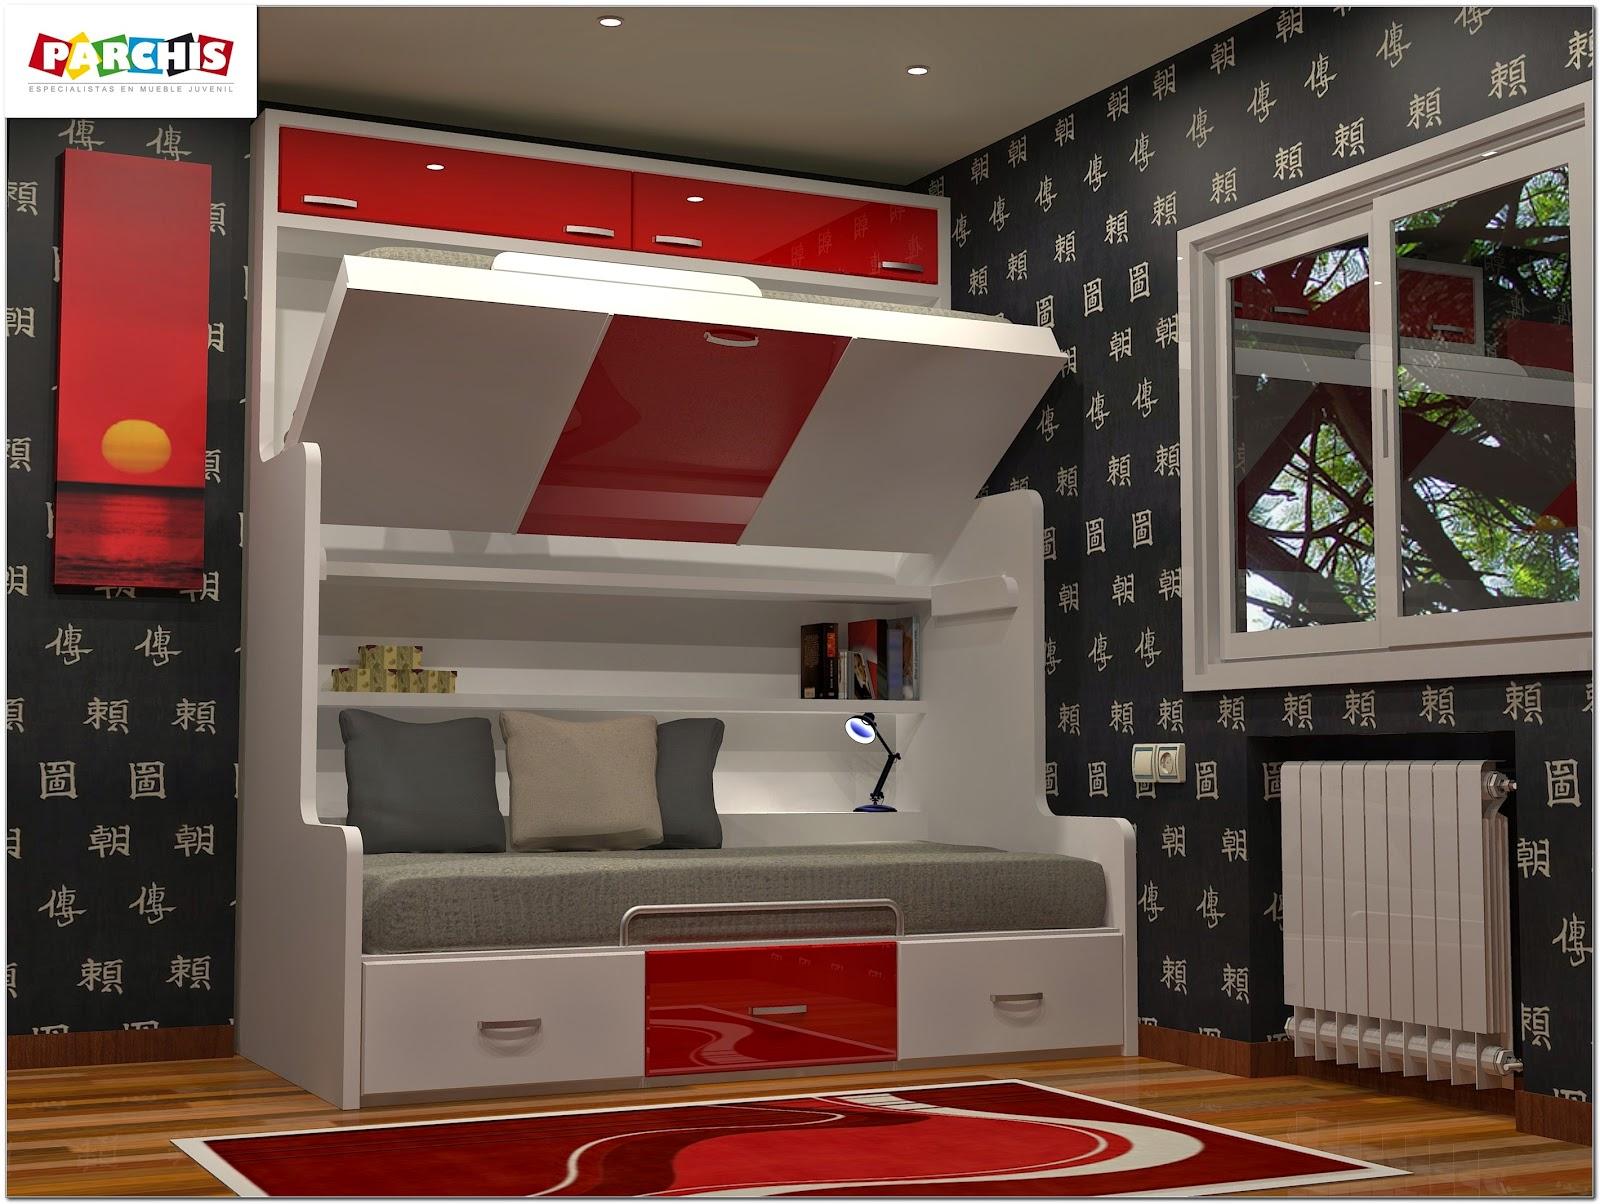 Muebles juveniles dormitorios infantiles y habitaciones - Dormitorios juveniles granada baratos ...